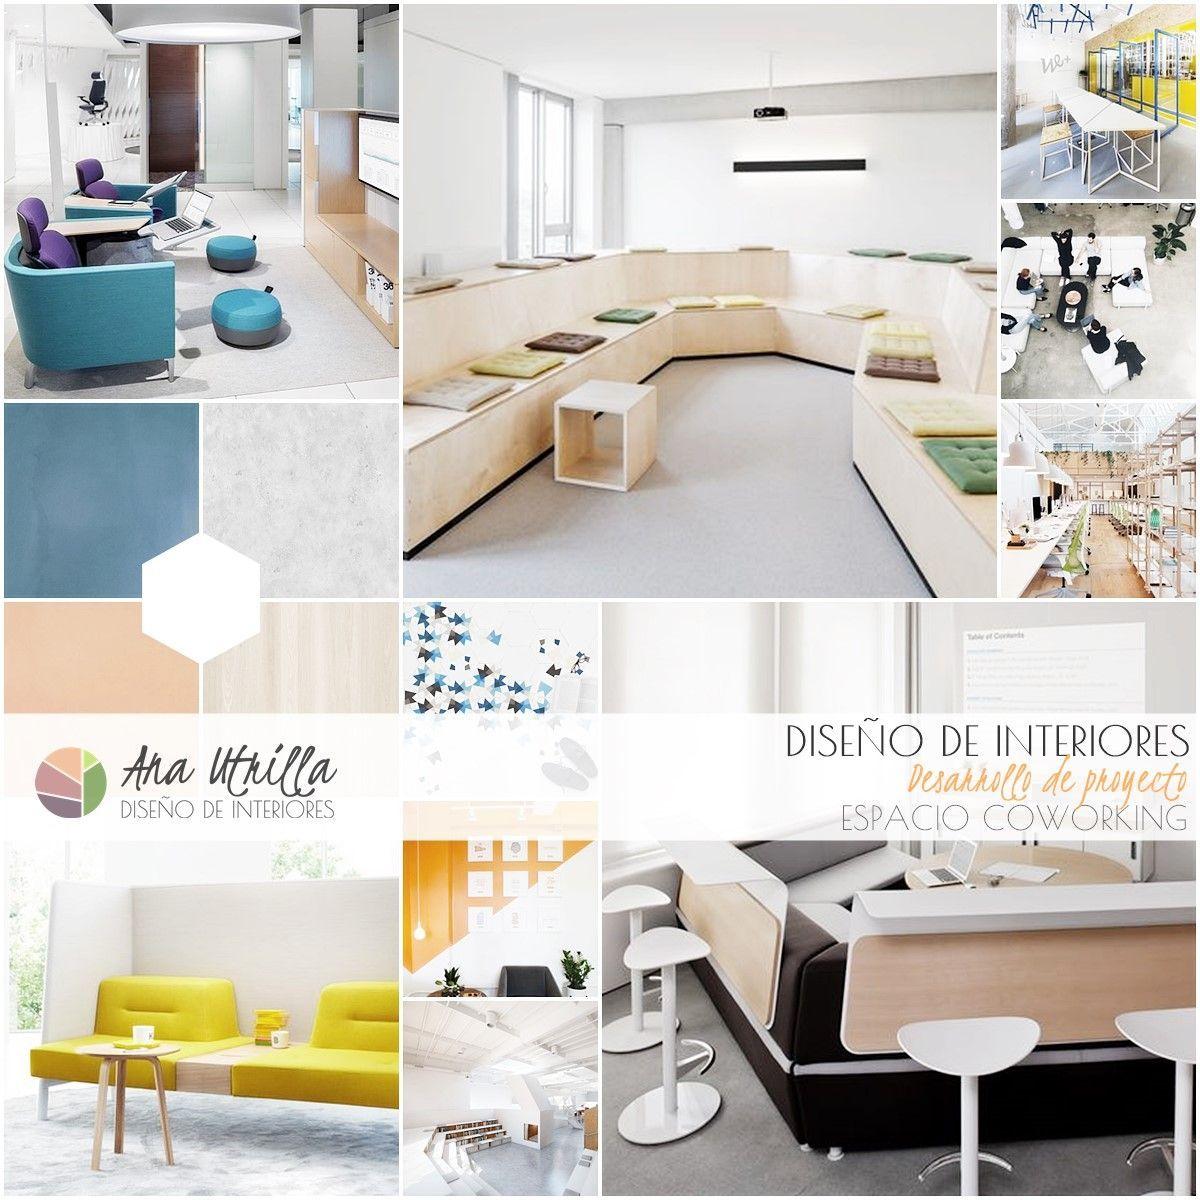 diseño de interiores espacio coworking de estilo nórdico por Ana Utrilla Interiorismo